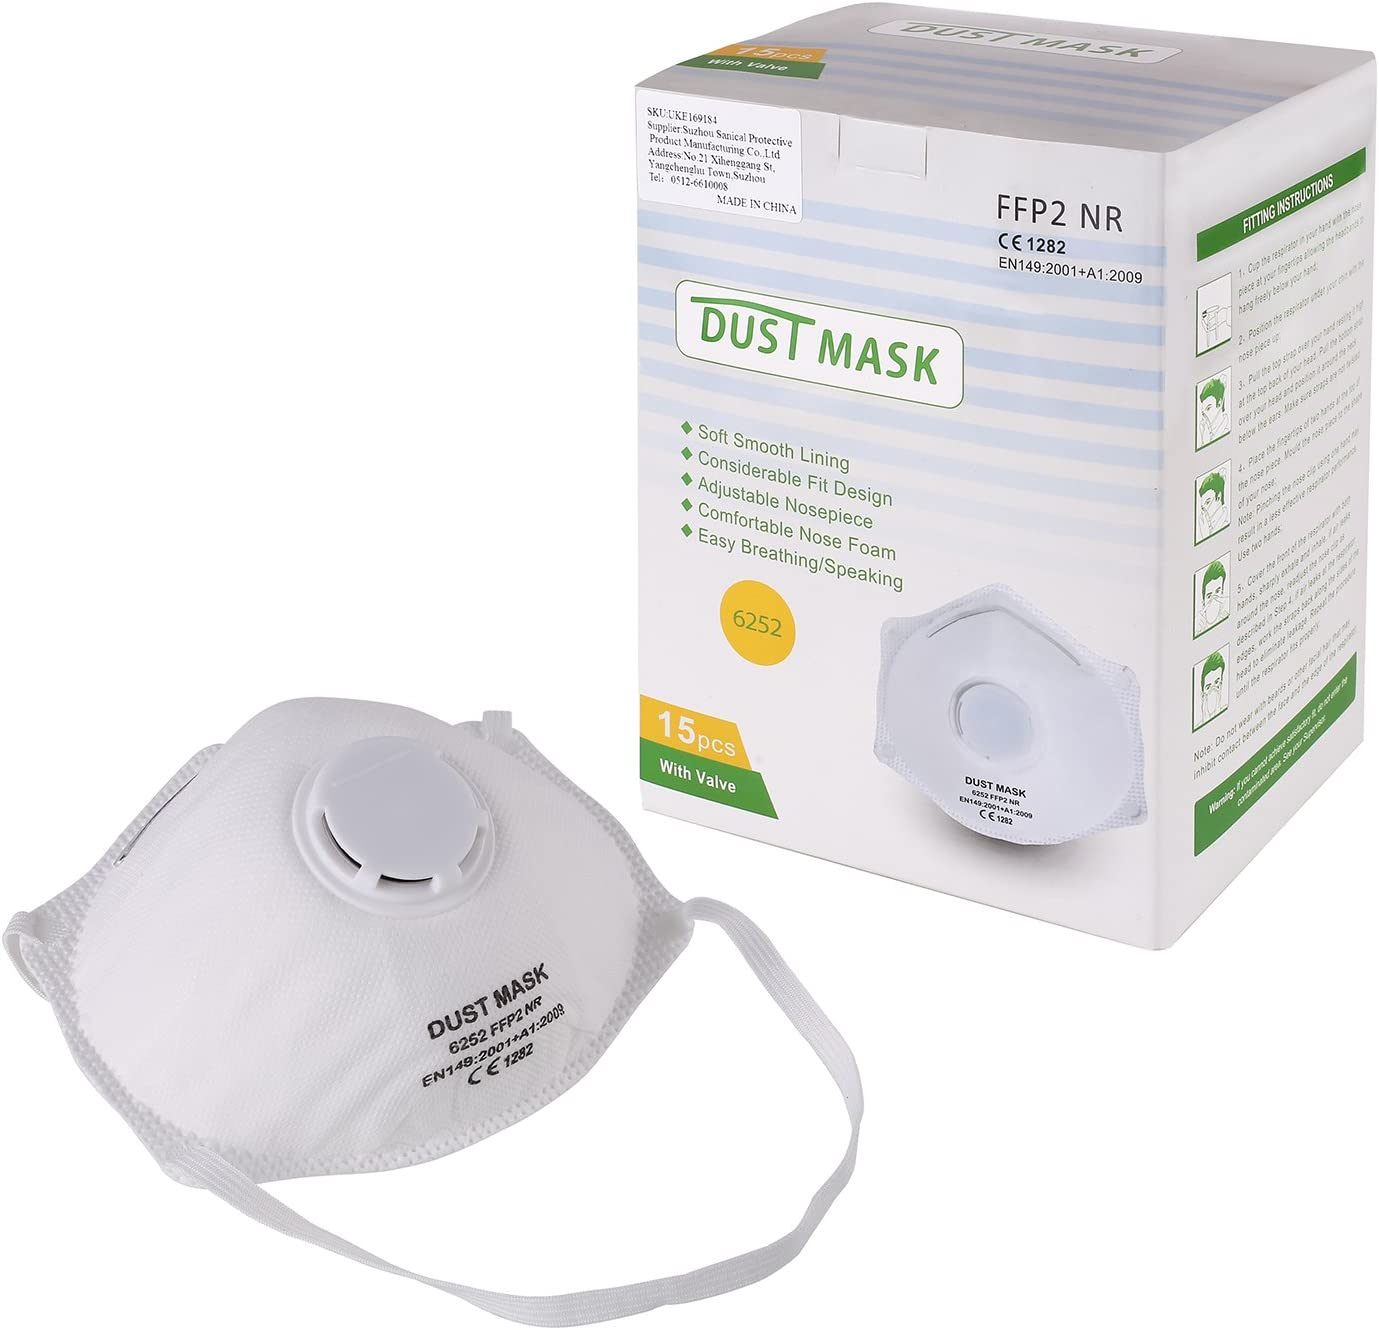 Fixkit Lot De 15 Masques Respiratoires Filtrant Masque De Protection Contre Particules Irritantes Anti Poussière Anti Buée Et Anti Fumée